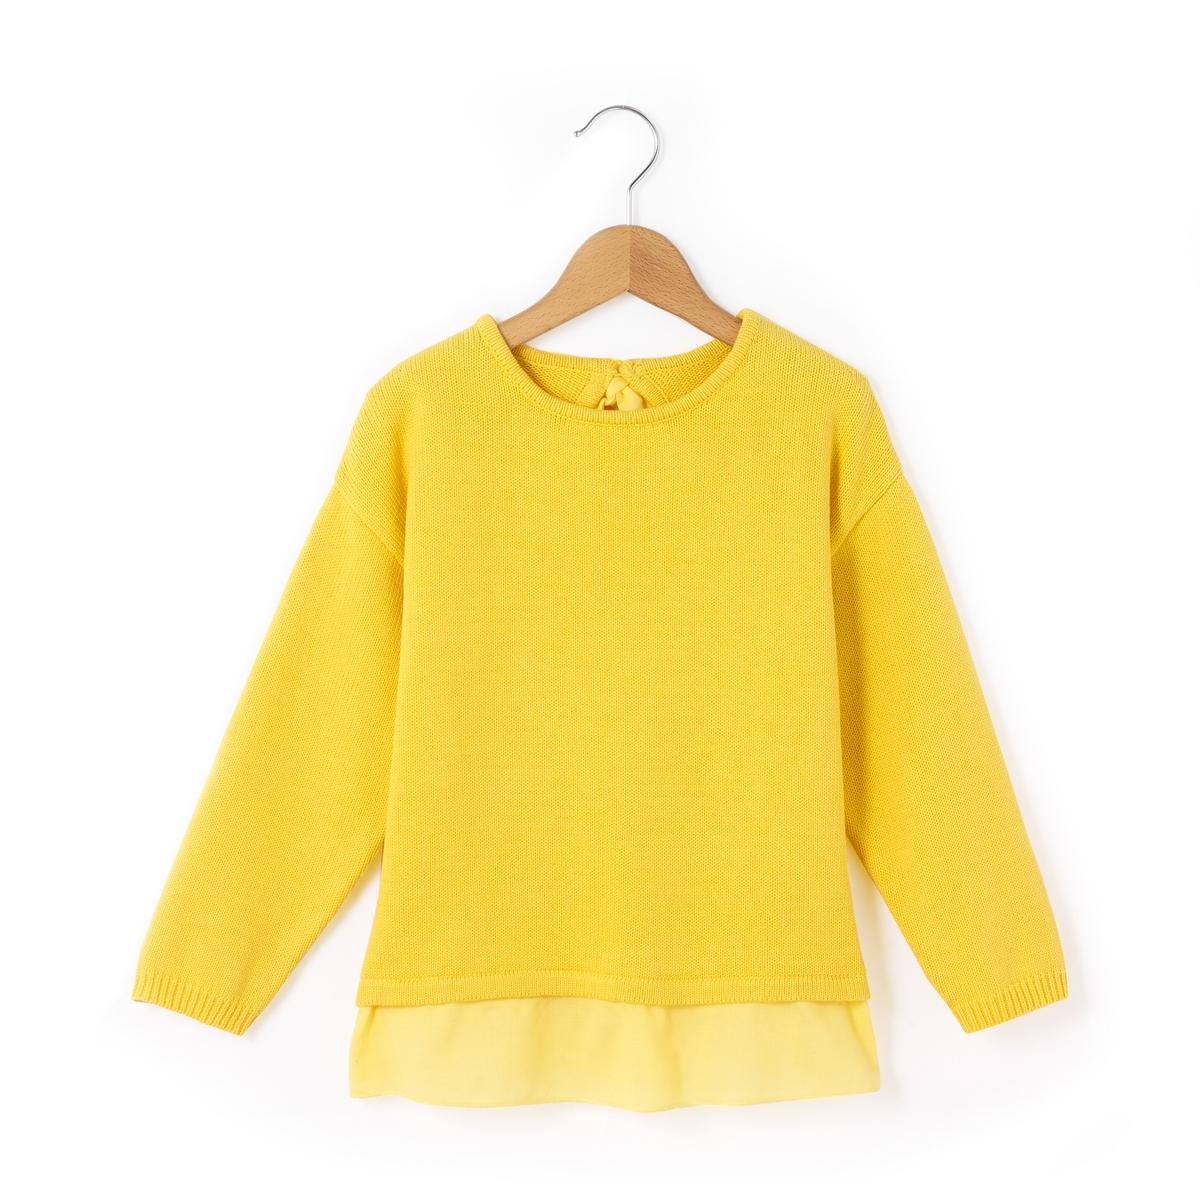 Пуловер с воланом снизу 3-12 лет